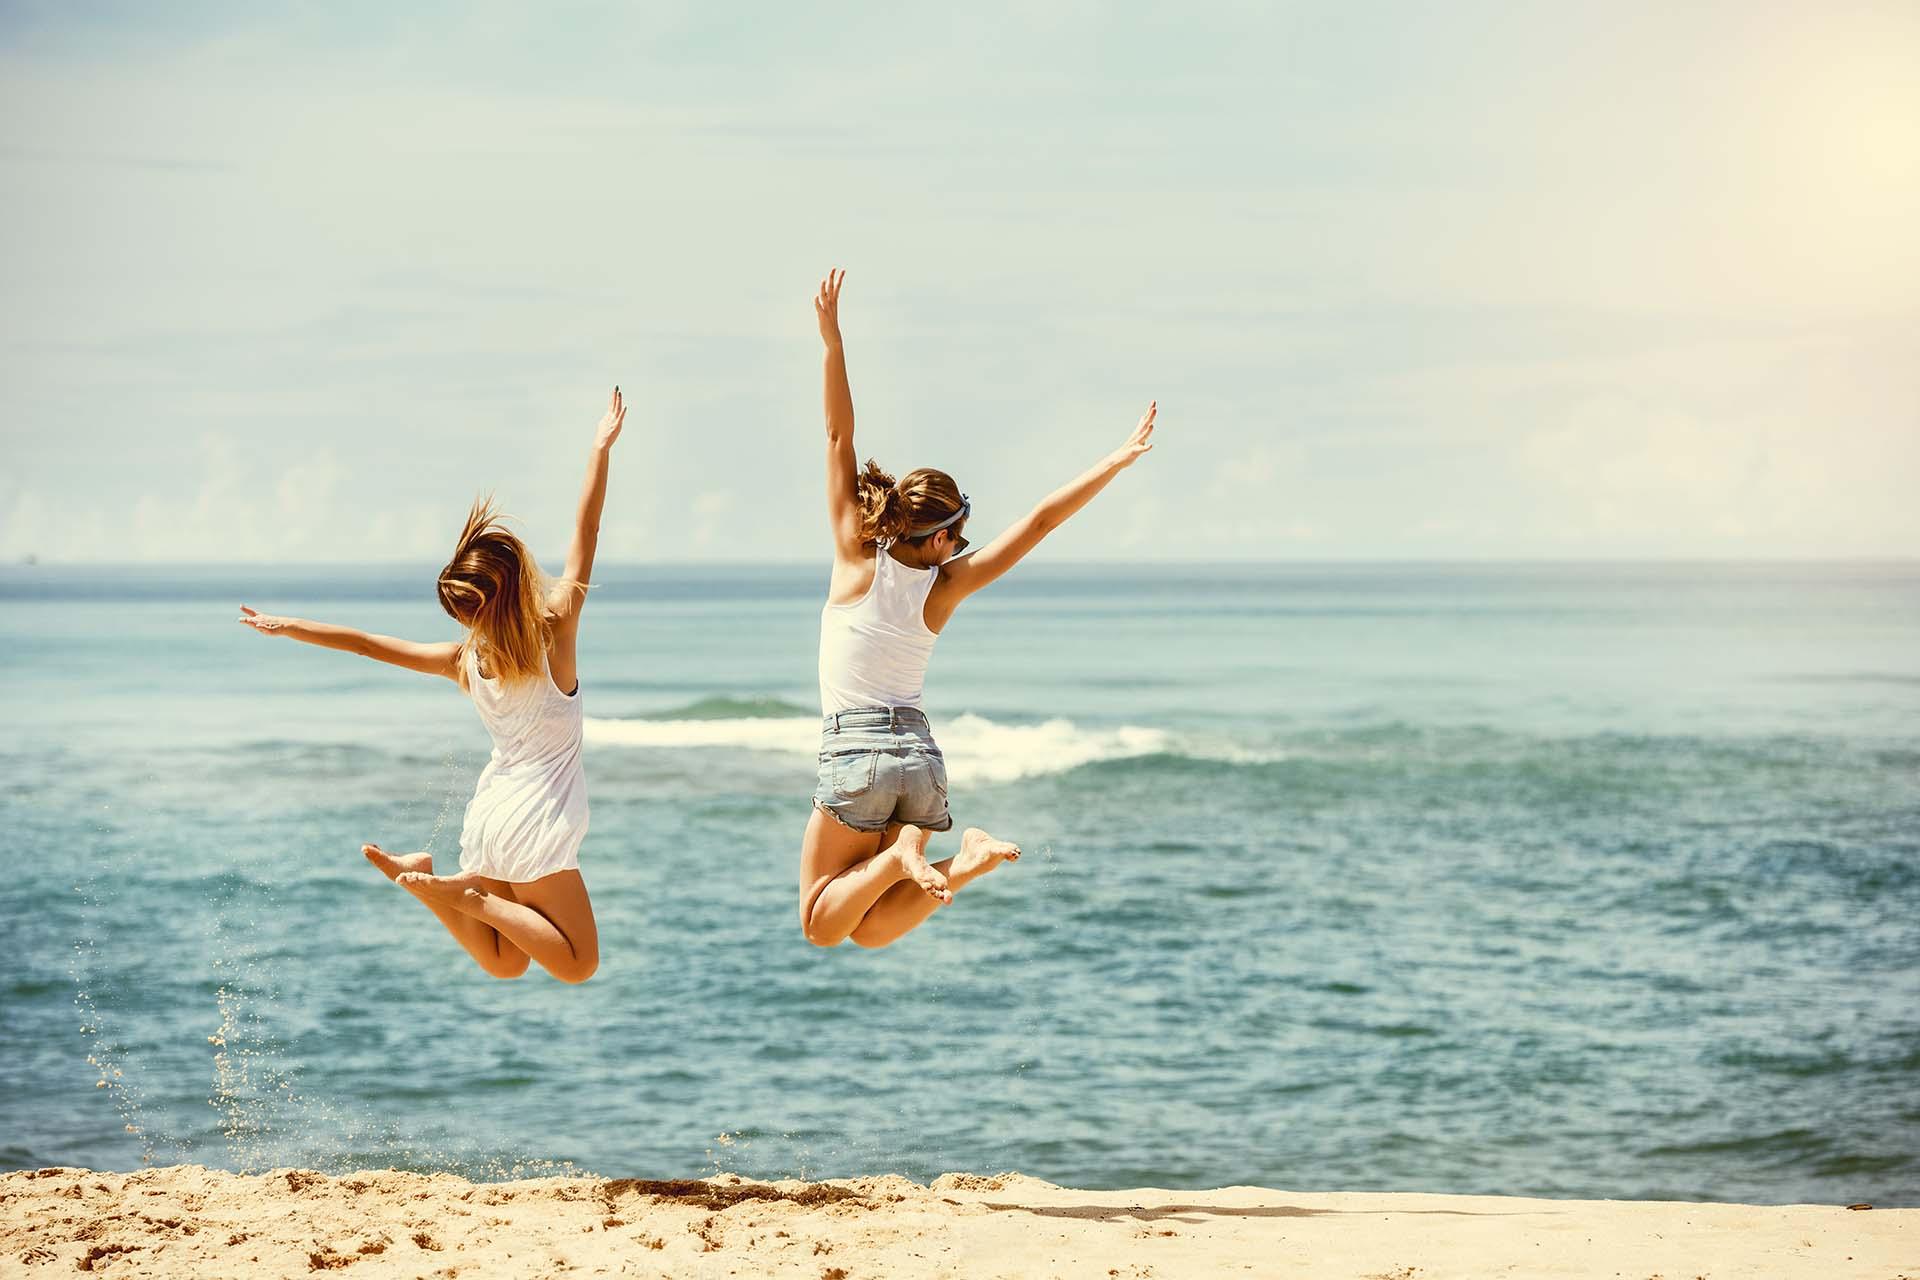 Viajar con amigos es una manera de despejarse (Getty)